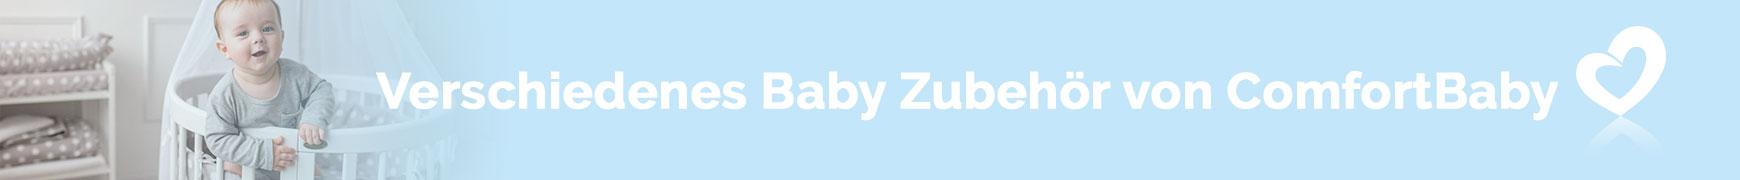 Baby Zubehör